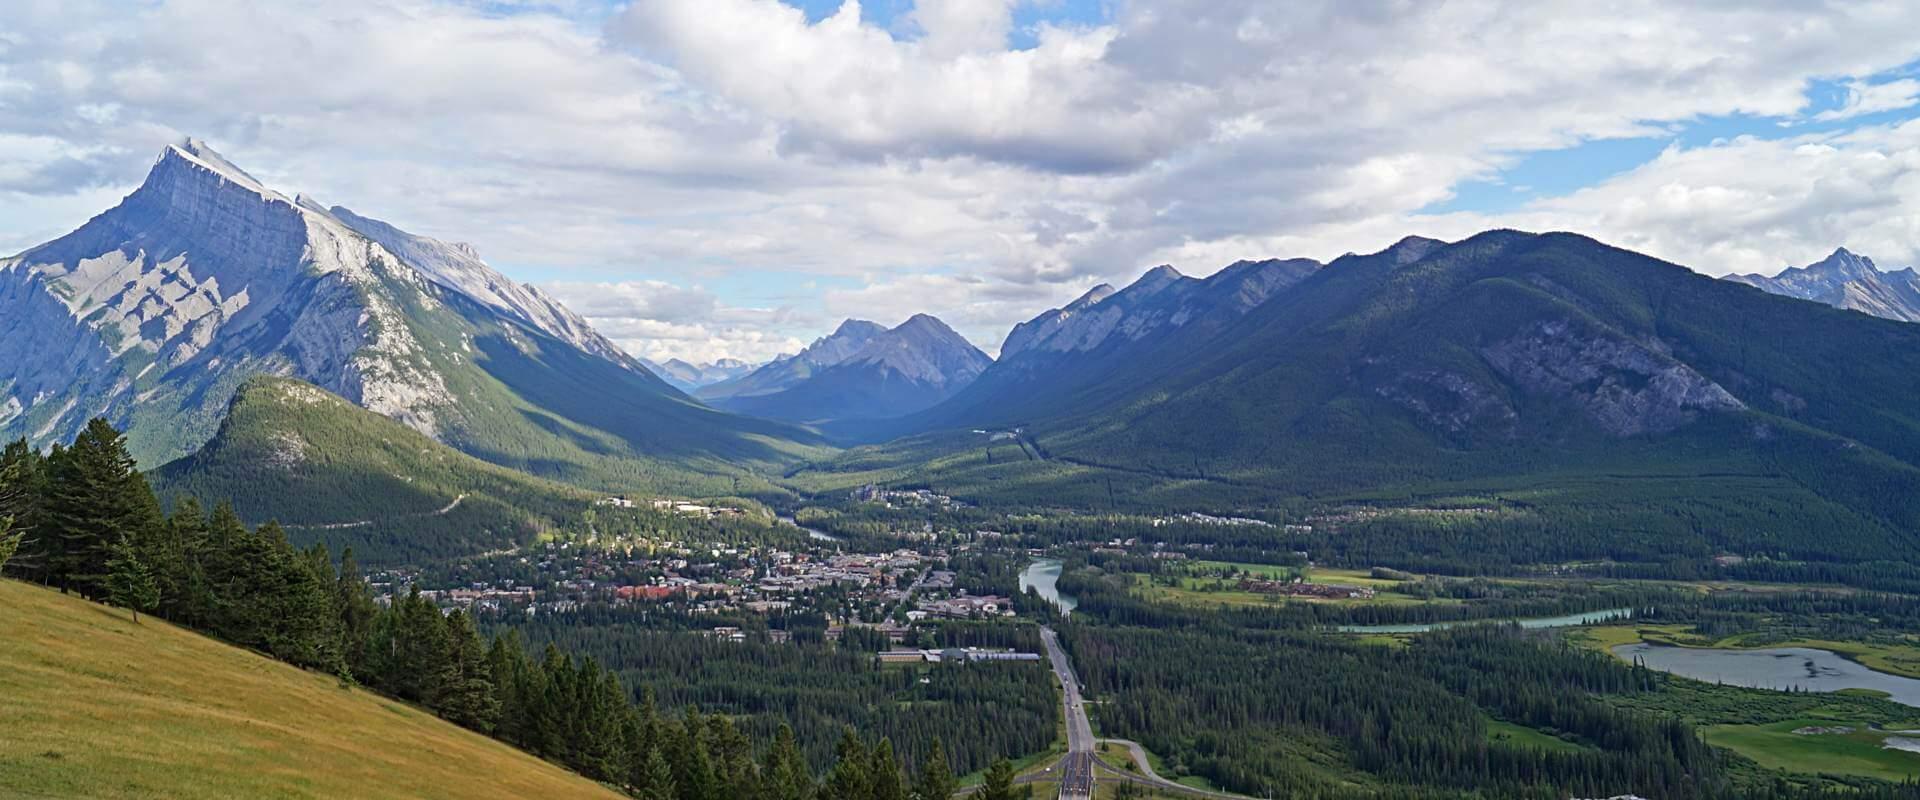 Wildnis und Gewusel im Banff National Park